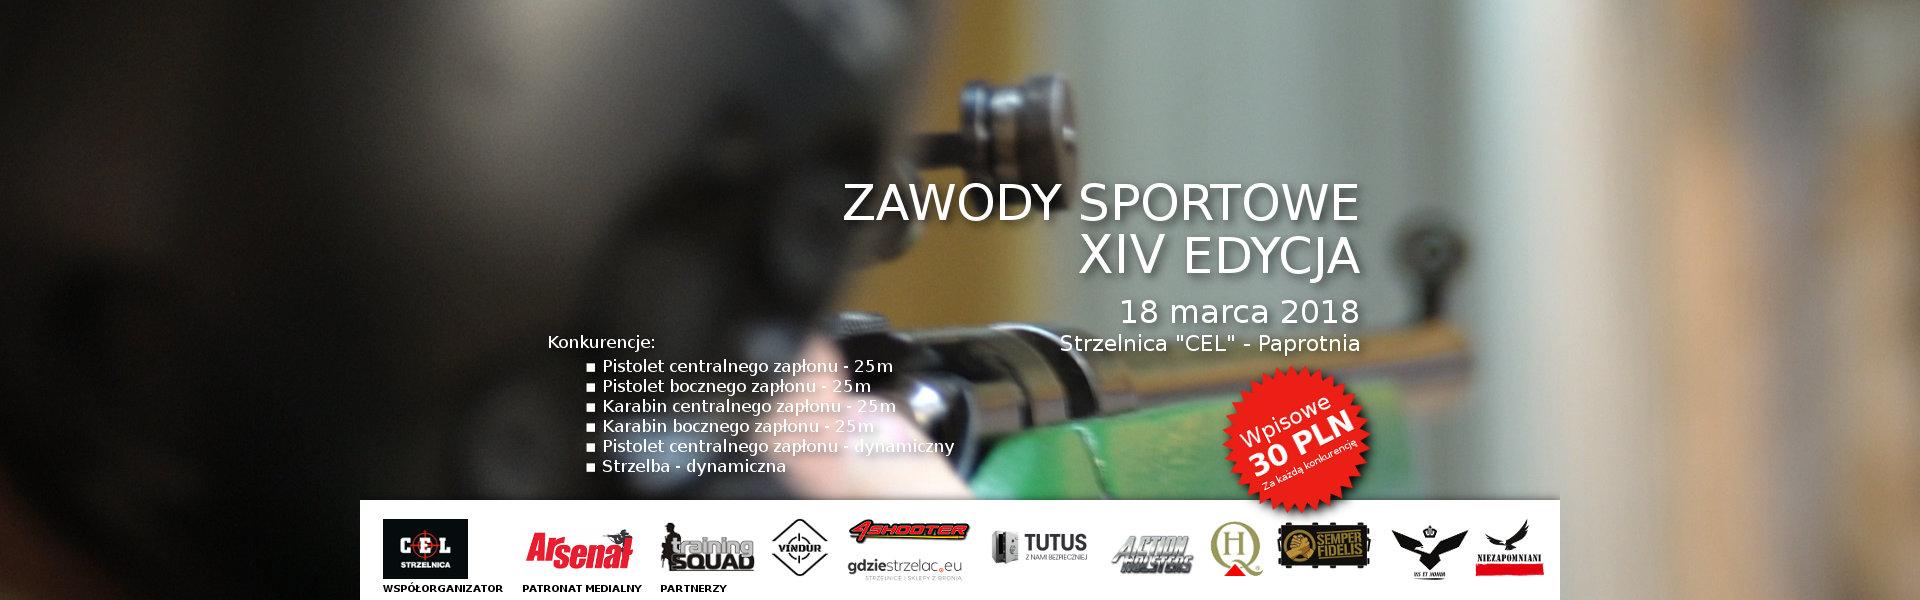 XIV Edycja Zawodów Sportowych